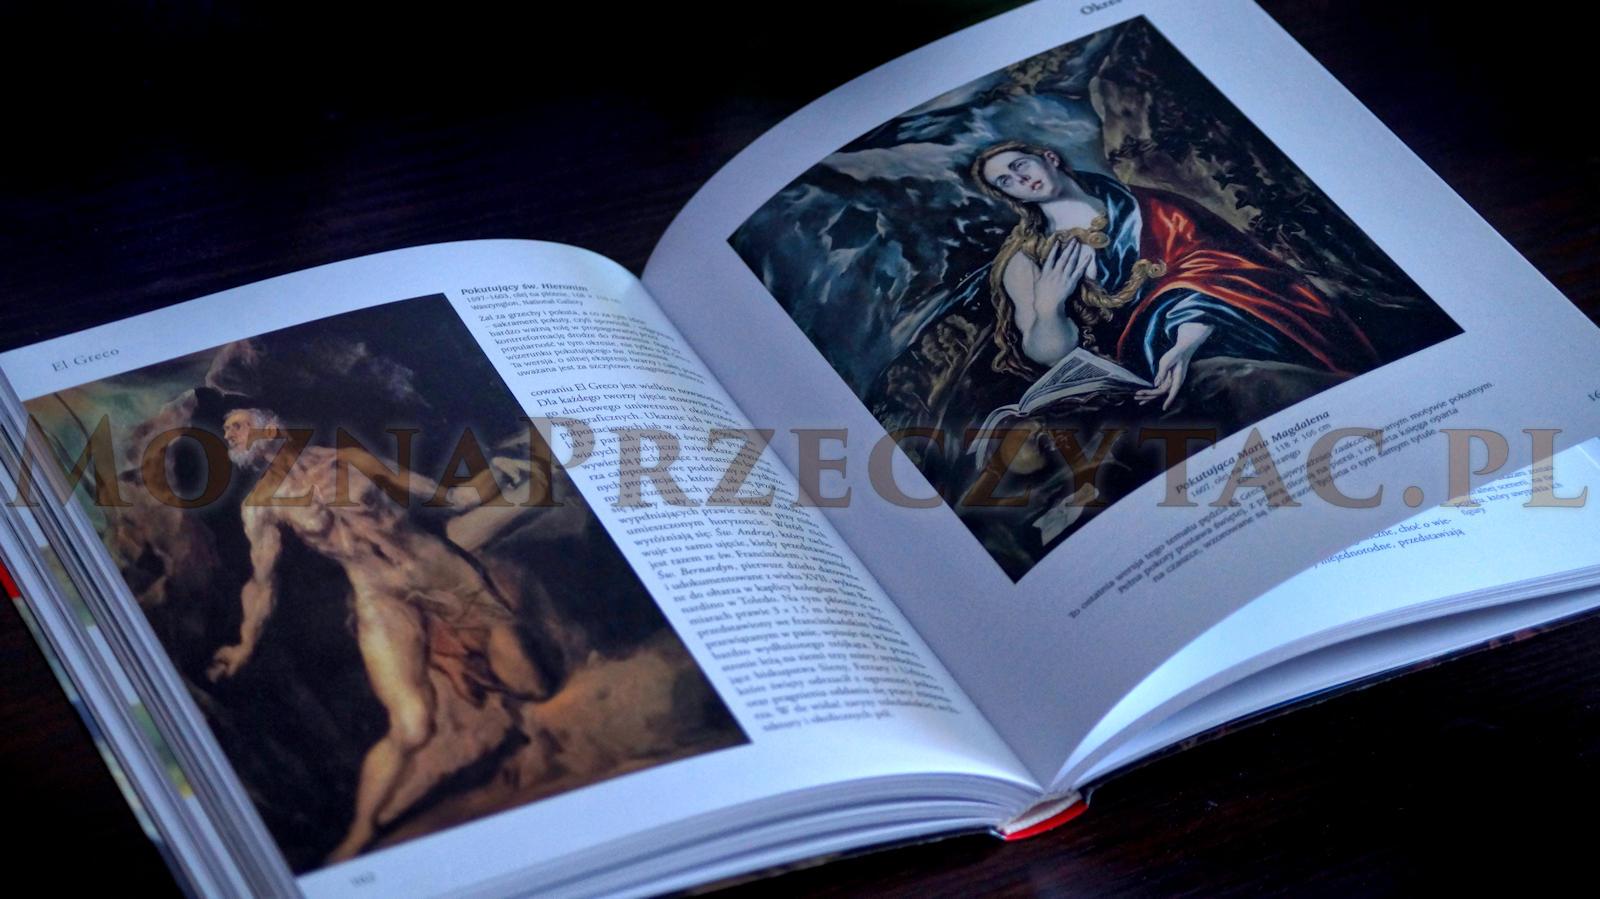 El Greco - Raquel Medina de Vargas, Elisa Arnau Gubern